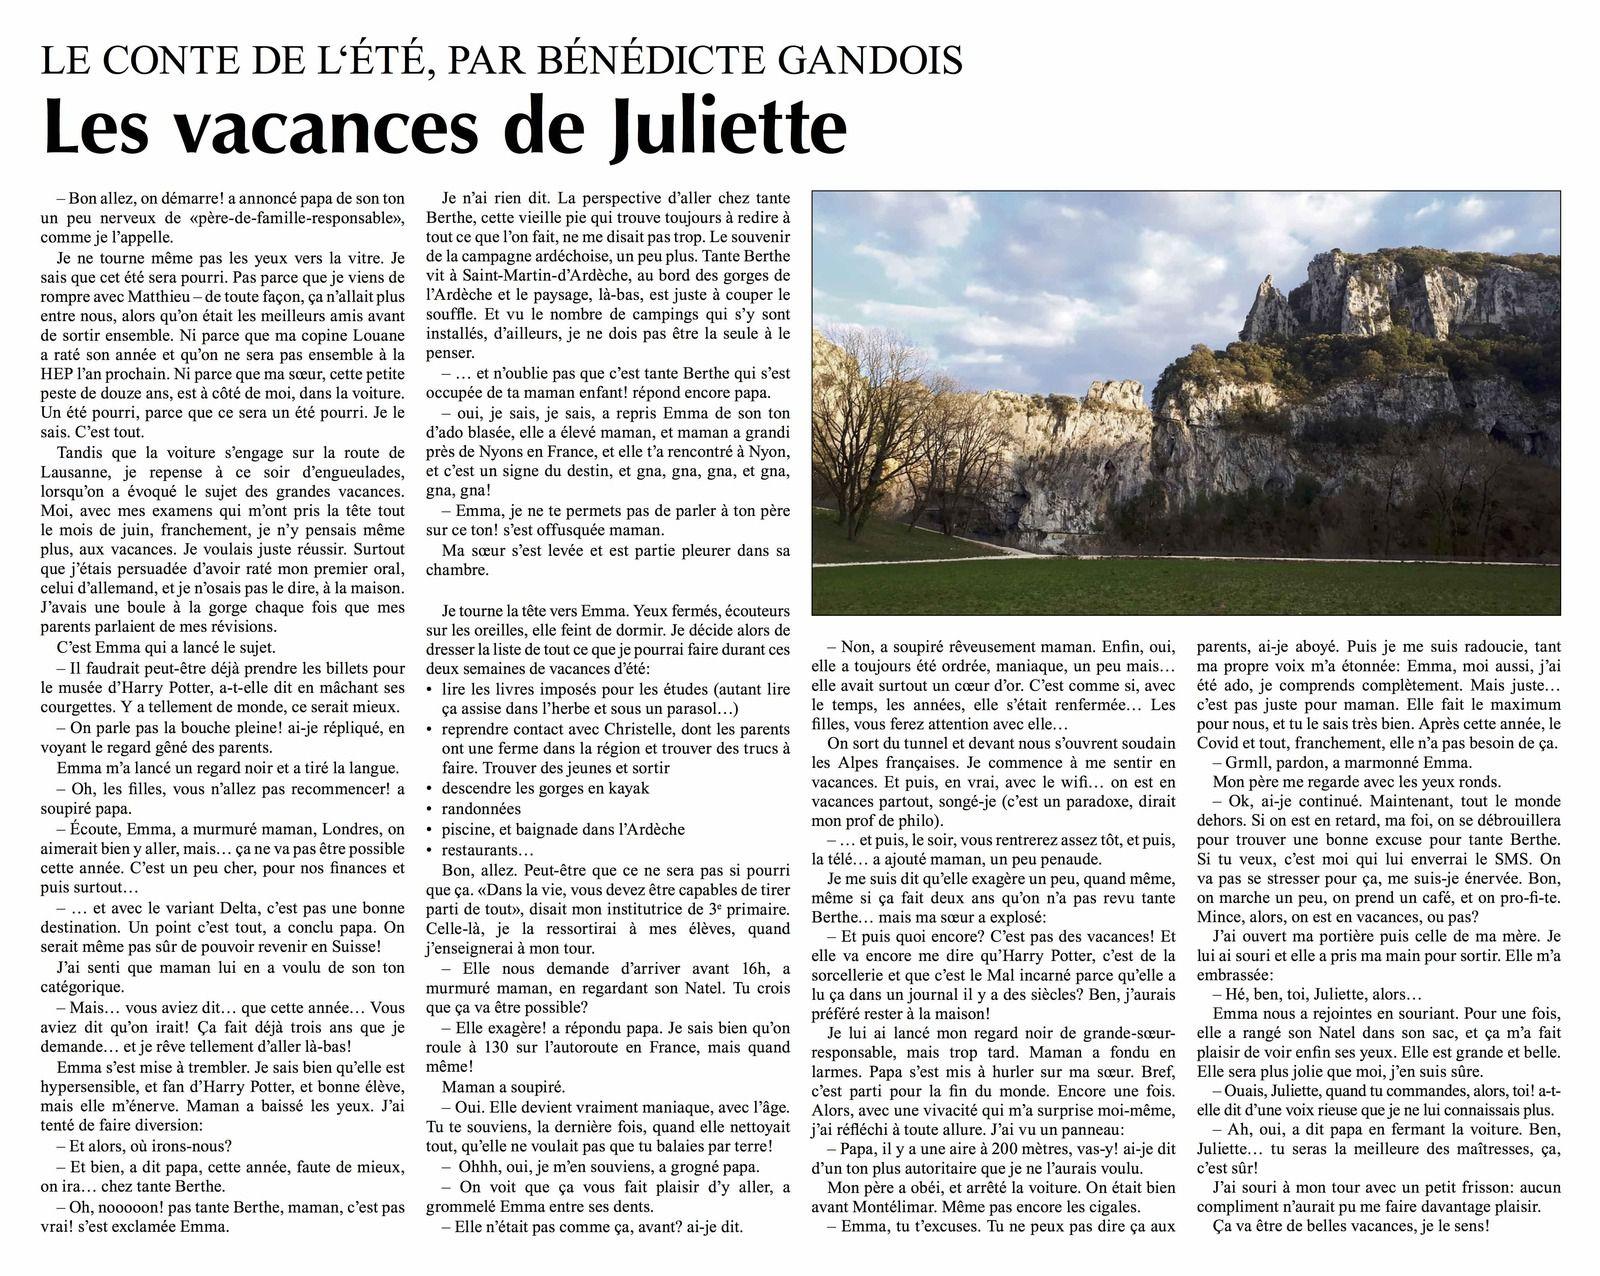 Les vacances de Juliette: un conte d'été